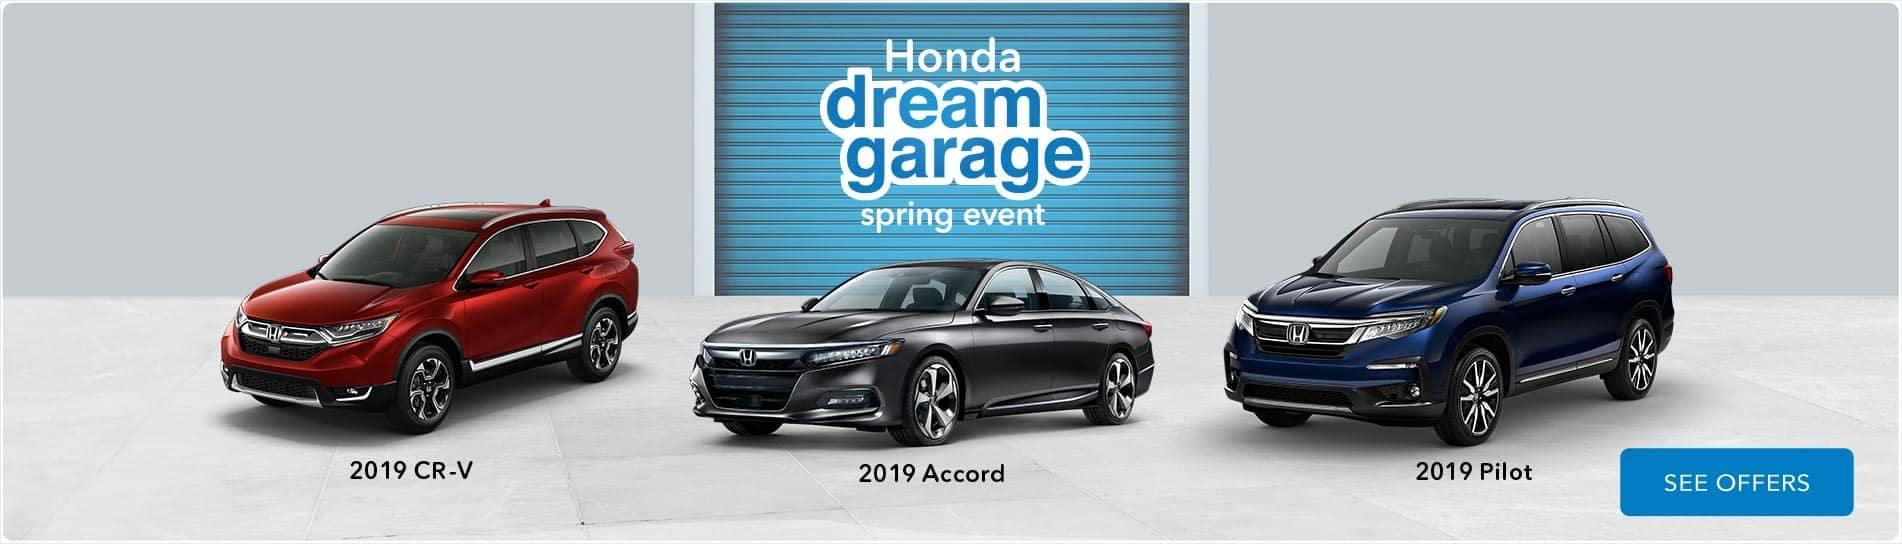 dream garage higher res